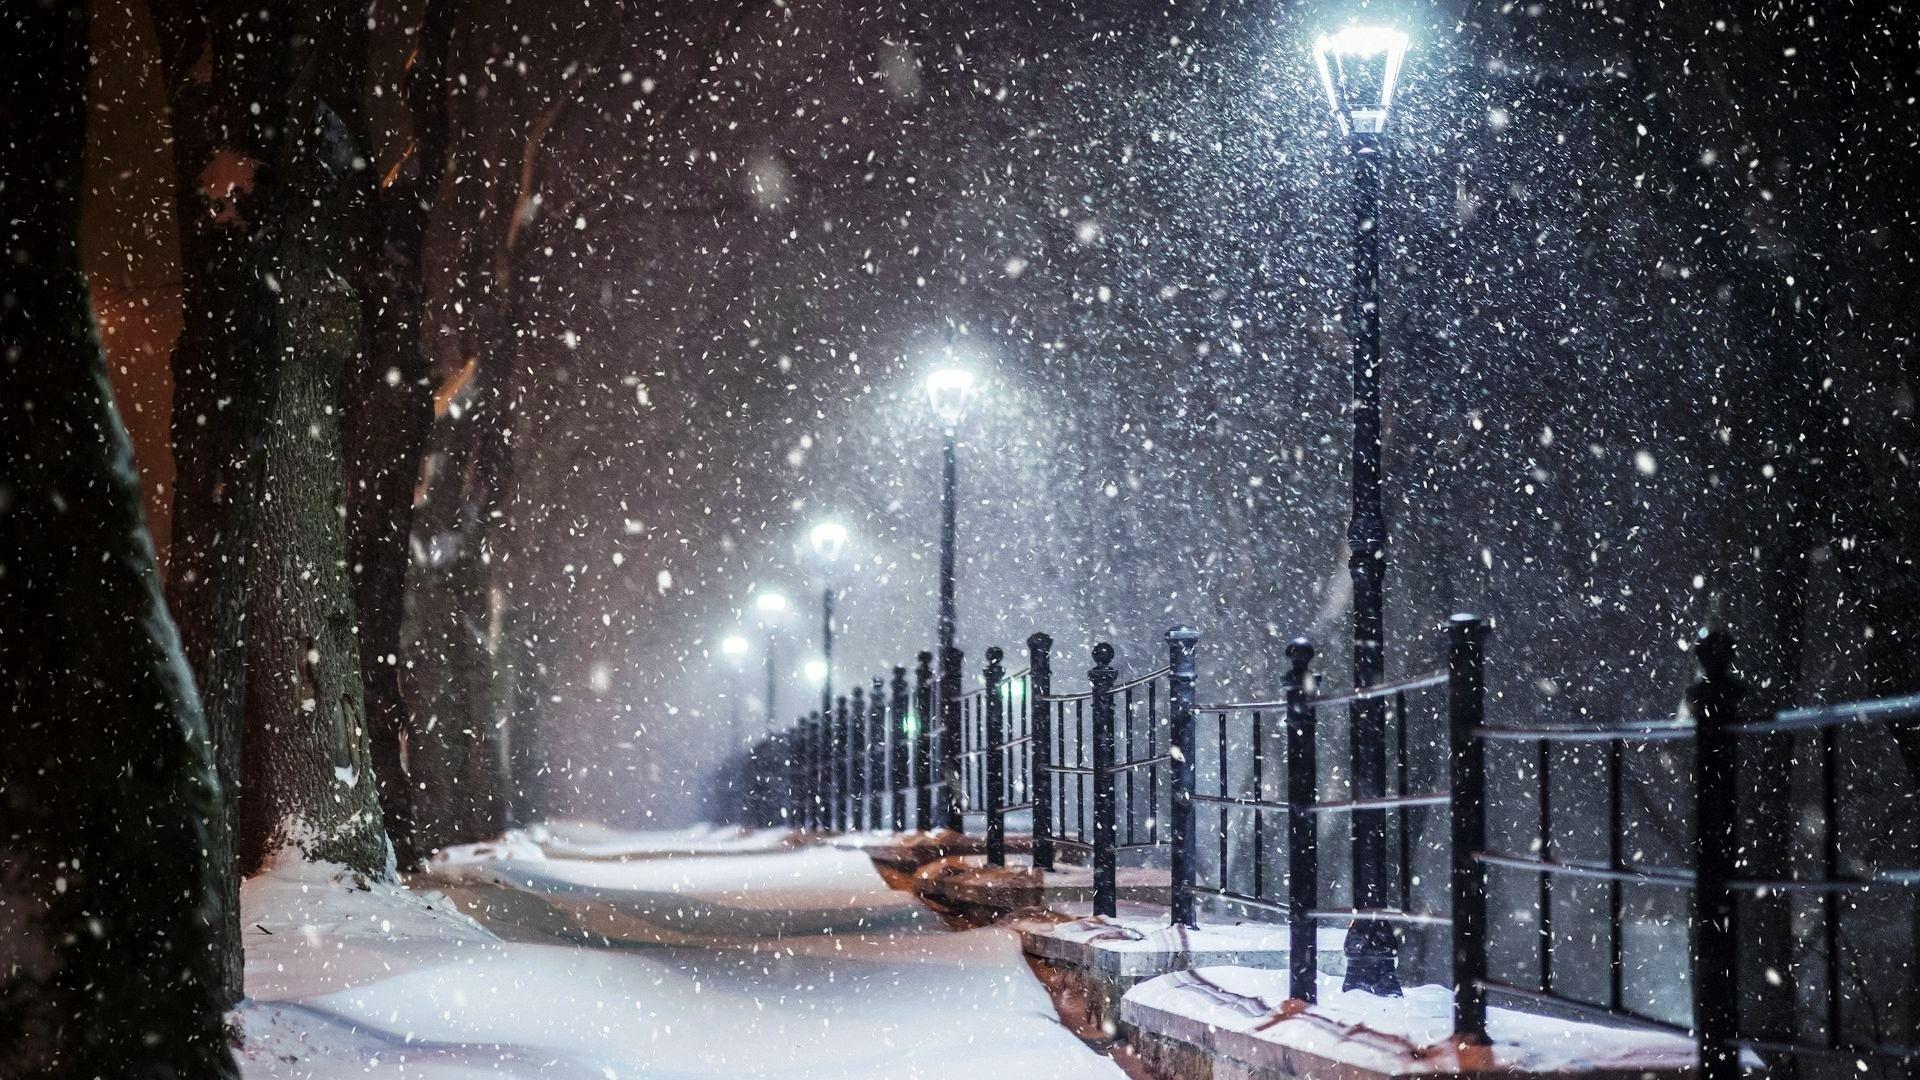 очень картинки на рабочий стол с падающим снегом атрибутом красоты